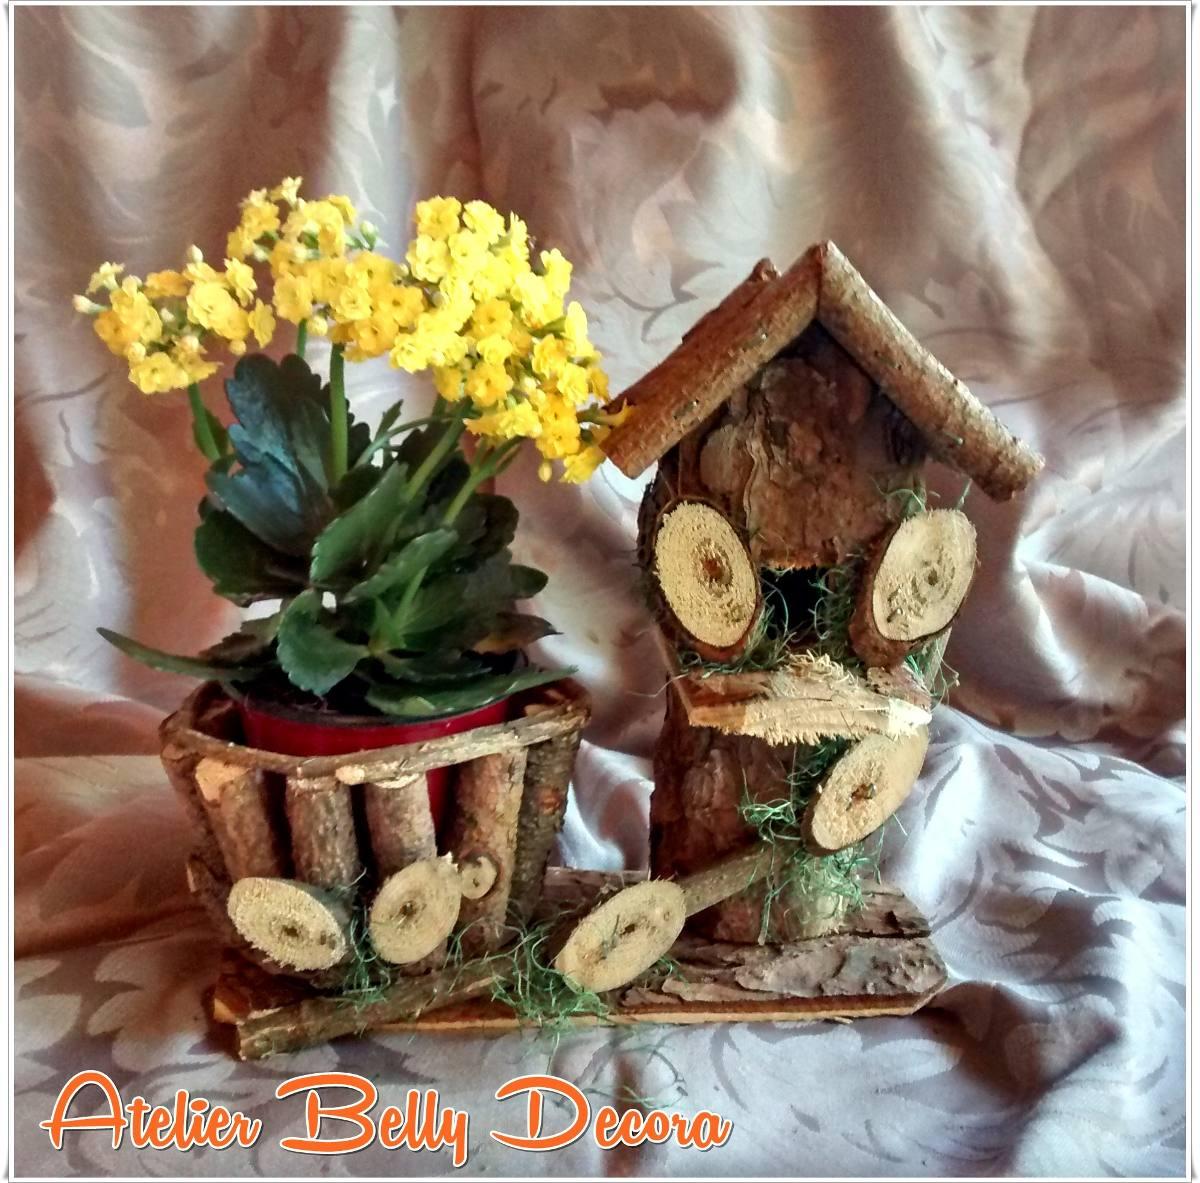 Adesivo Para Box De Banheiro ~ Decoraç u00e3o Jardim Madeira Rustica Artesanal Casa Cachep u00f4 Flor R$ 25,19 no MercadoLivre